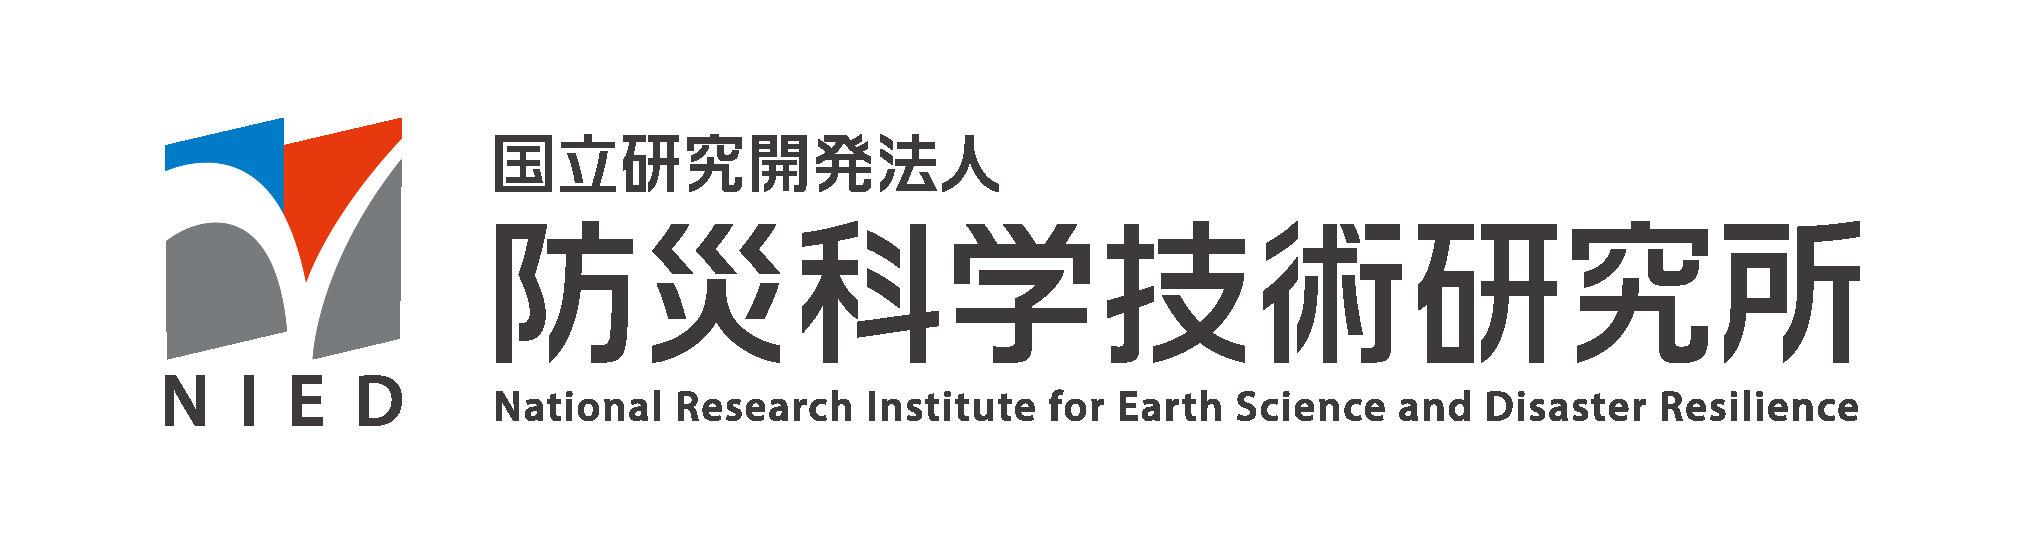 NIED logo